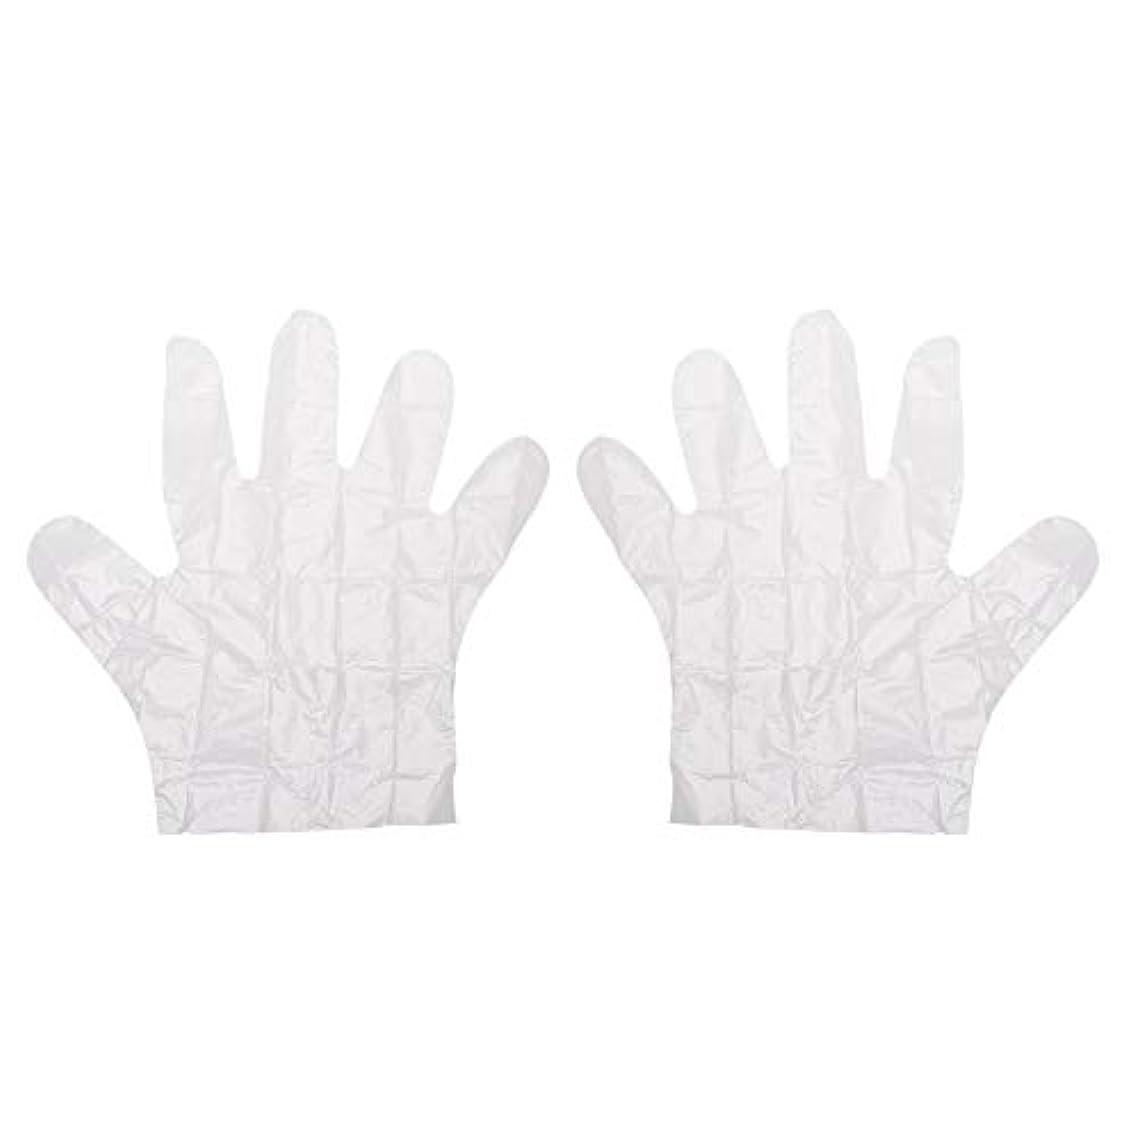 固執木会議WISTOMJP 200枚 子供用手袋使い捨て 使い捨て手袋 キッズ専用透明 手袋